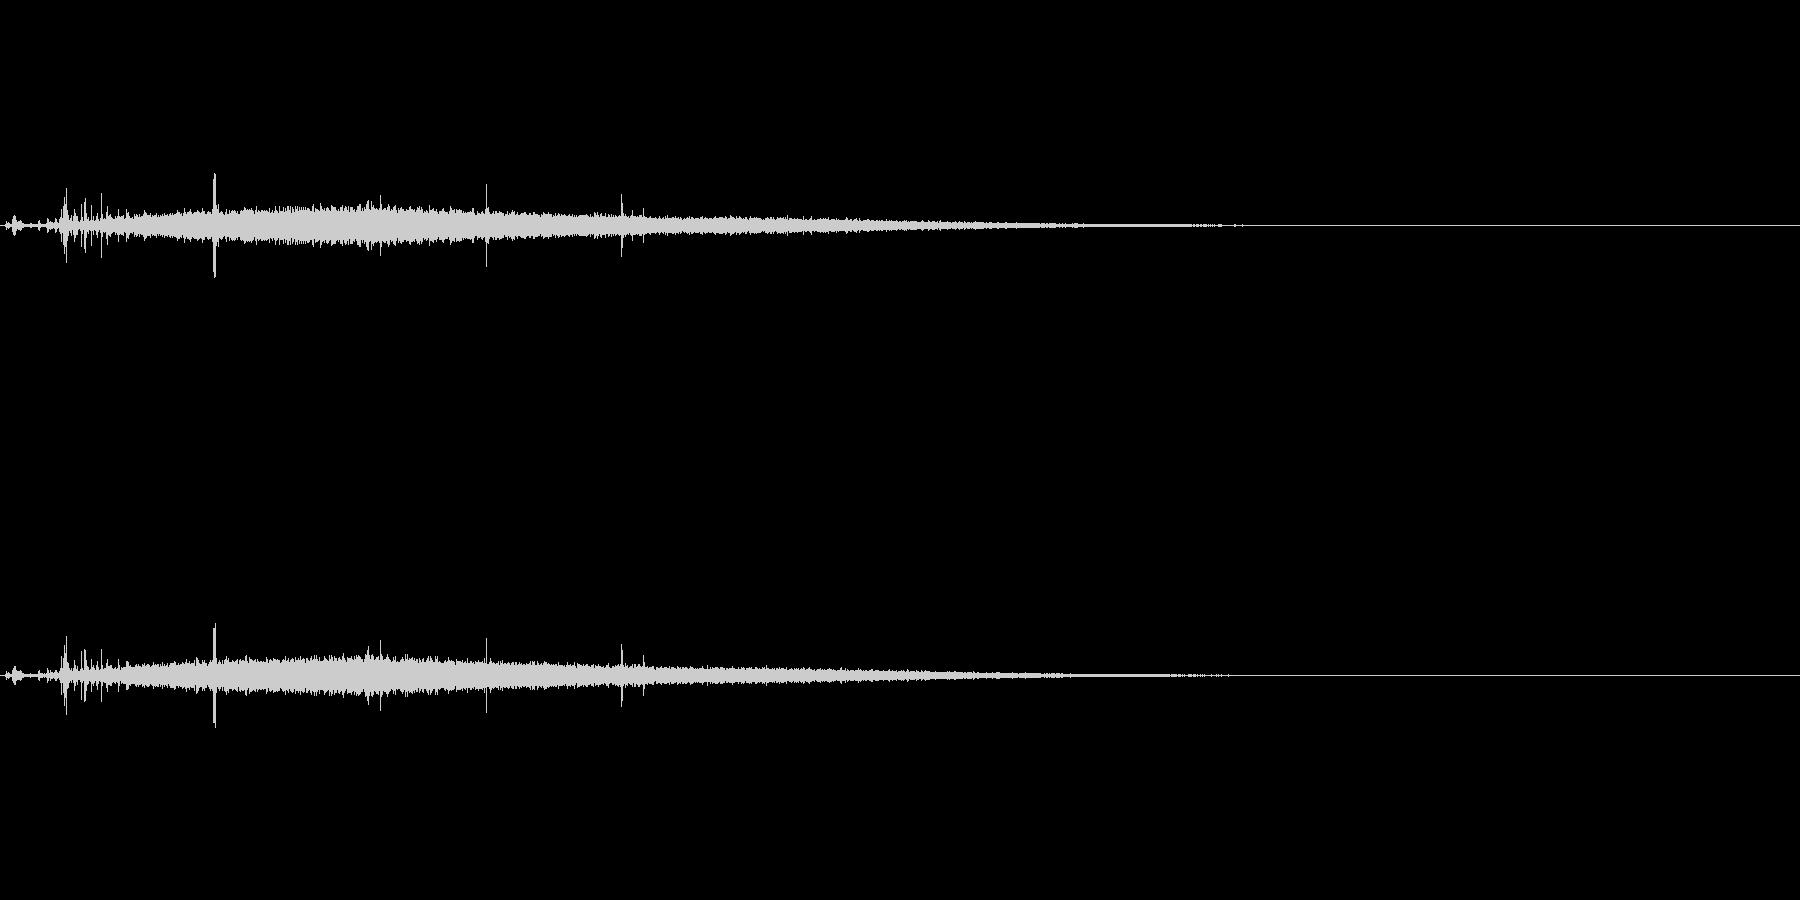 氷結系の魔法のイメージの未再生の波形